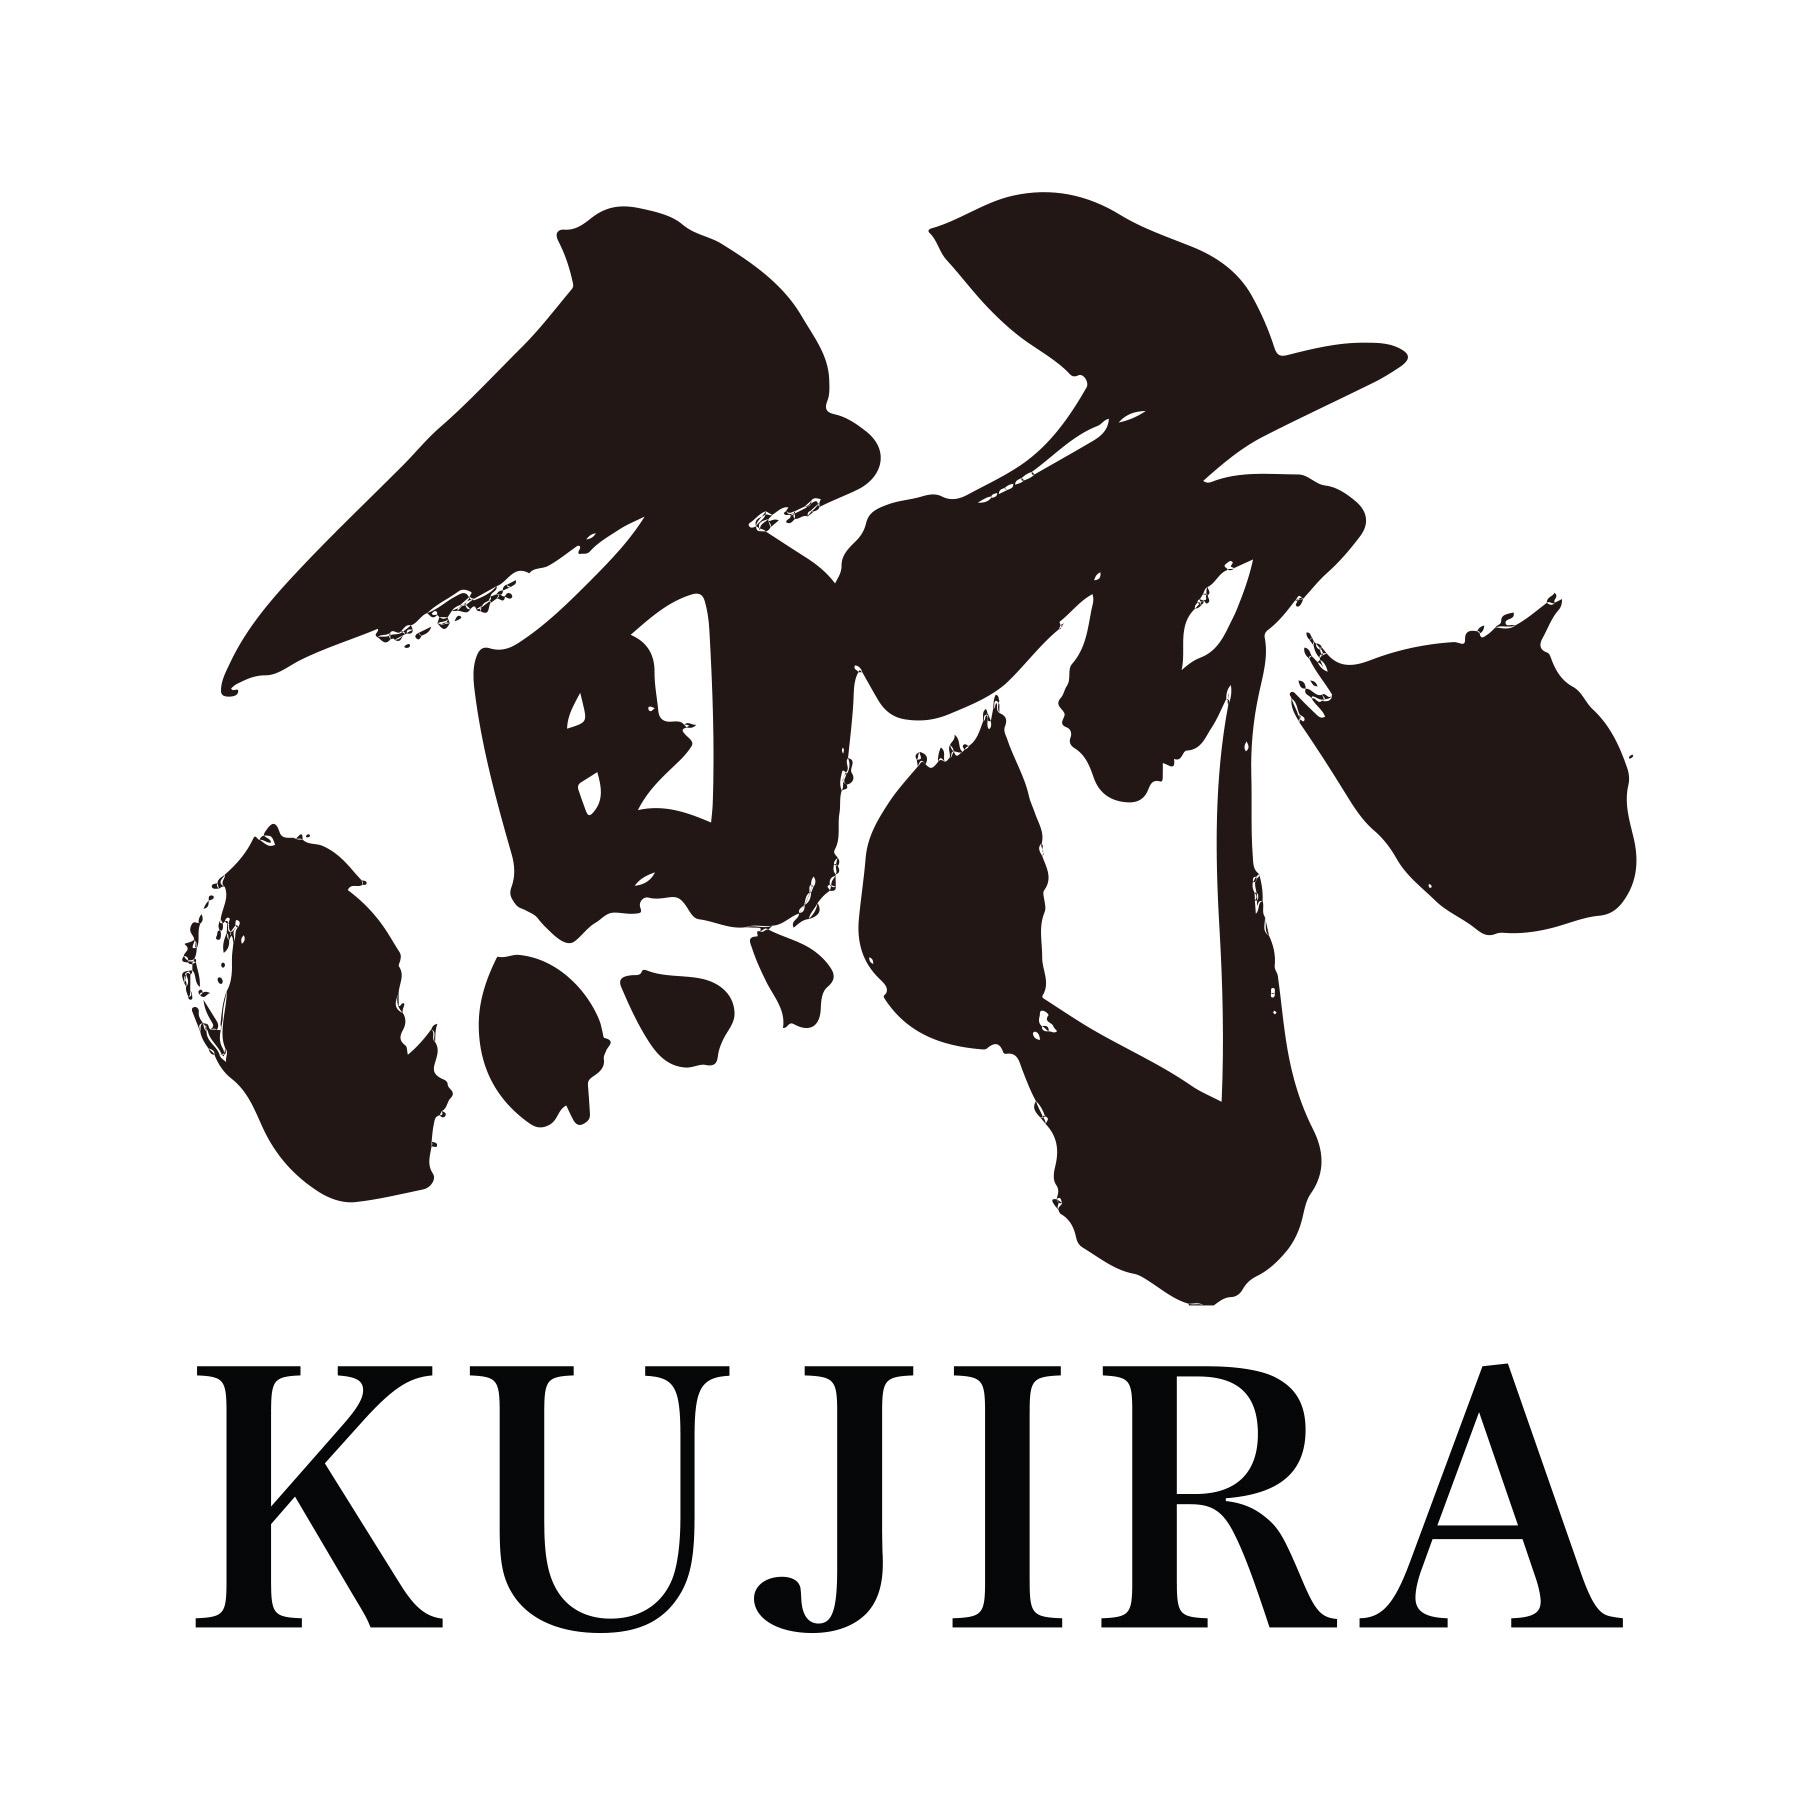 Kujira-B&W.jpg